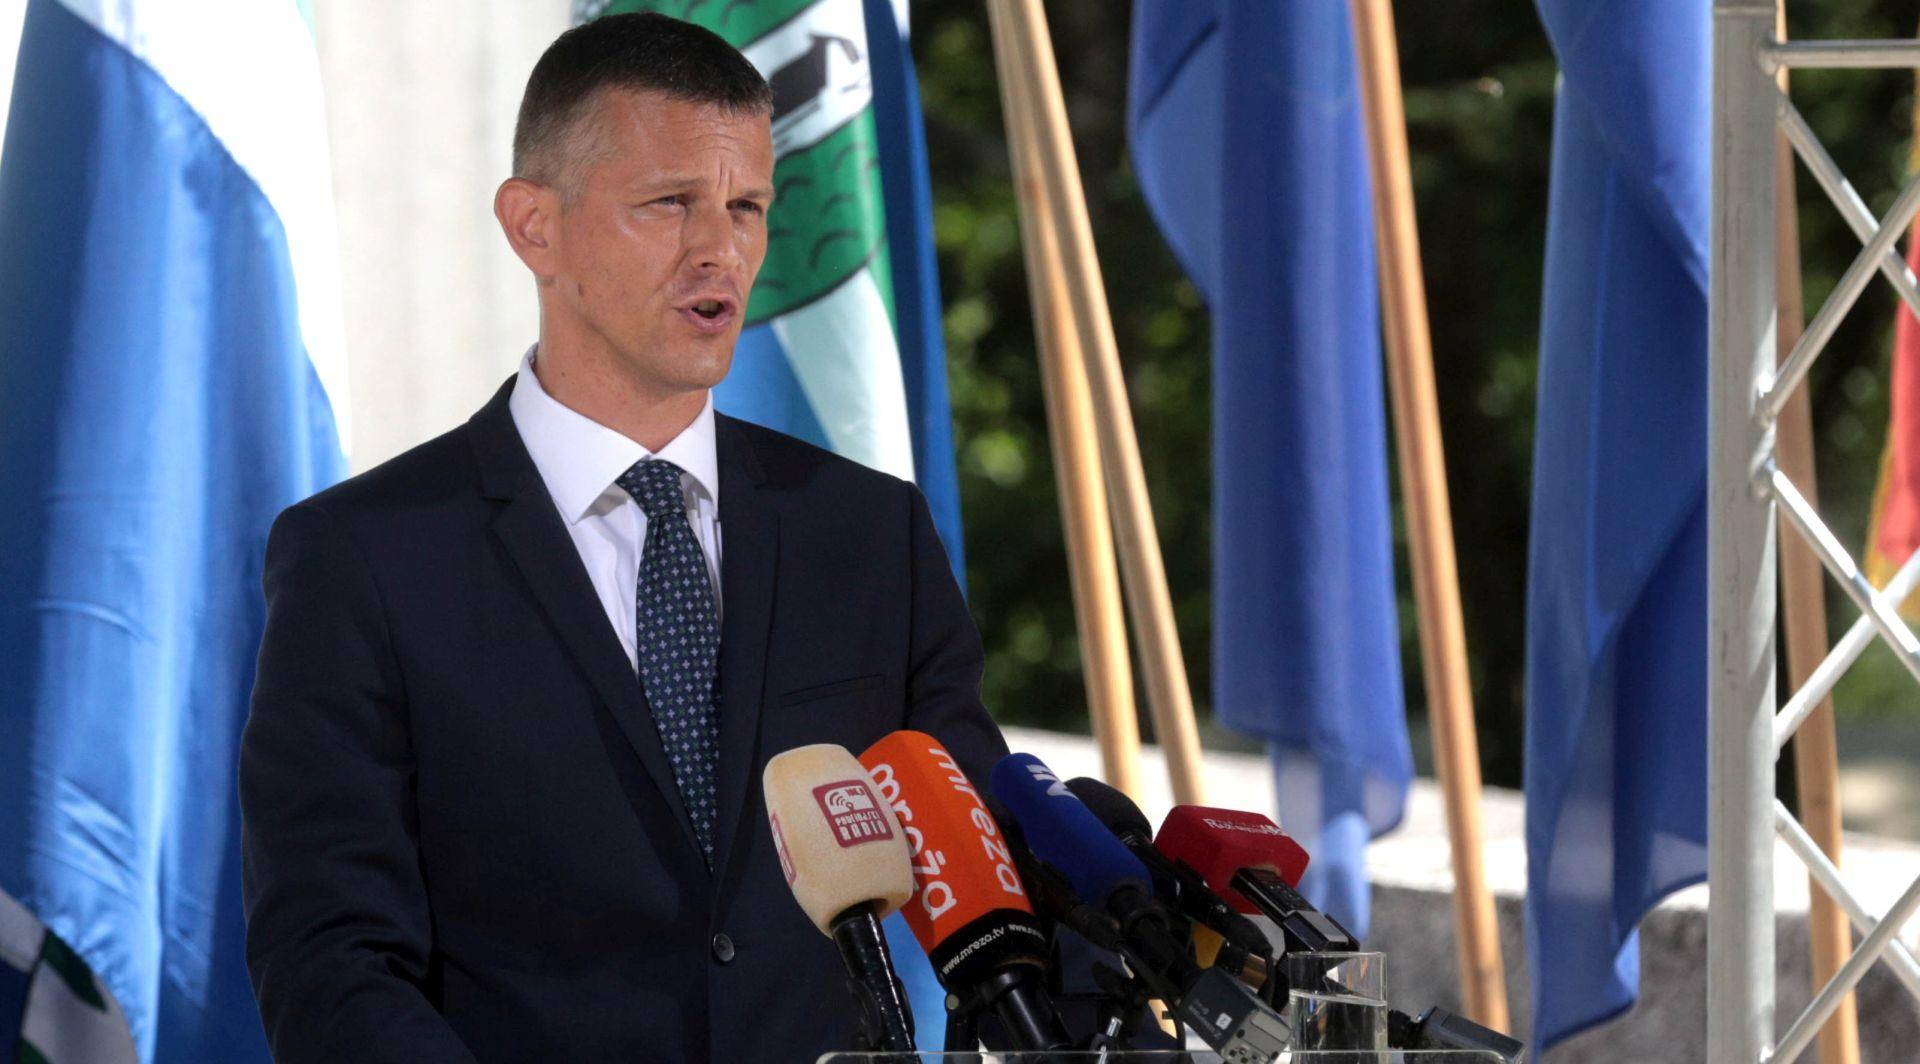 BREZOVICA: FLEGO 'Temelji hrvatske države postavljeni u 2. Svjetskom ratu, a potvrđeni u Domovinskom ratu'